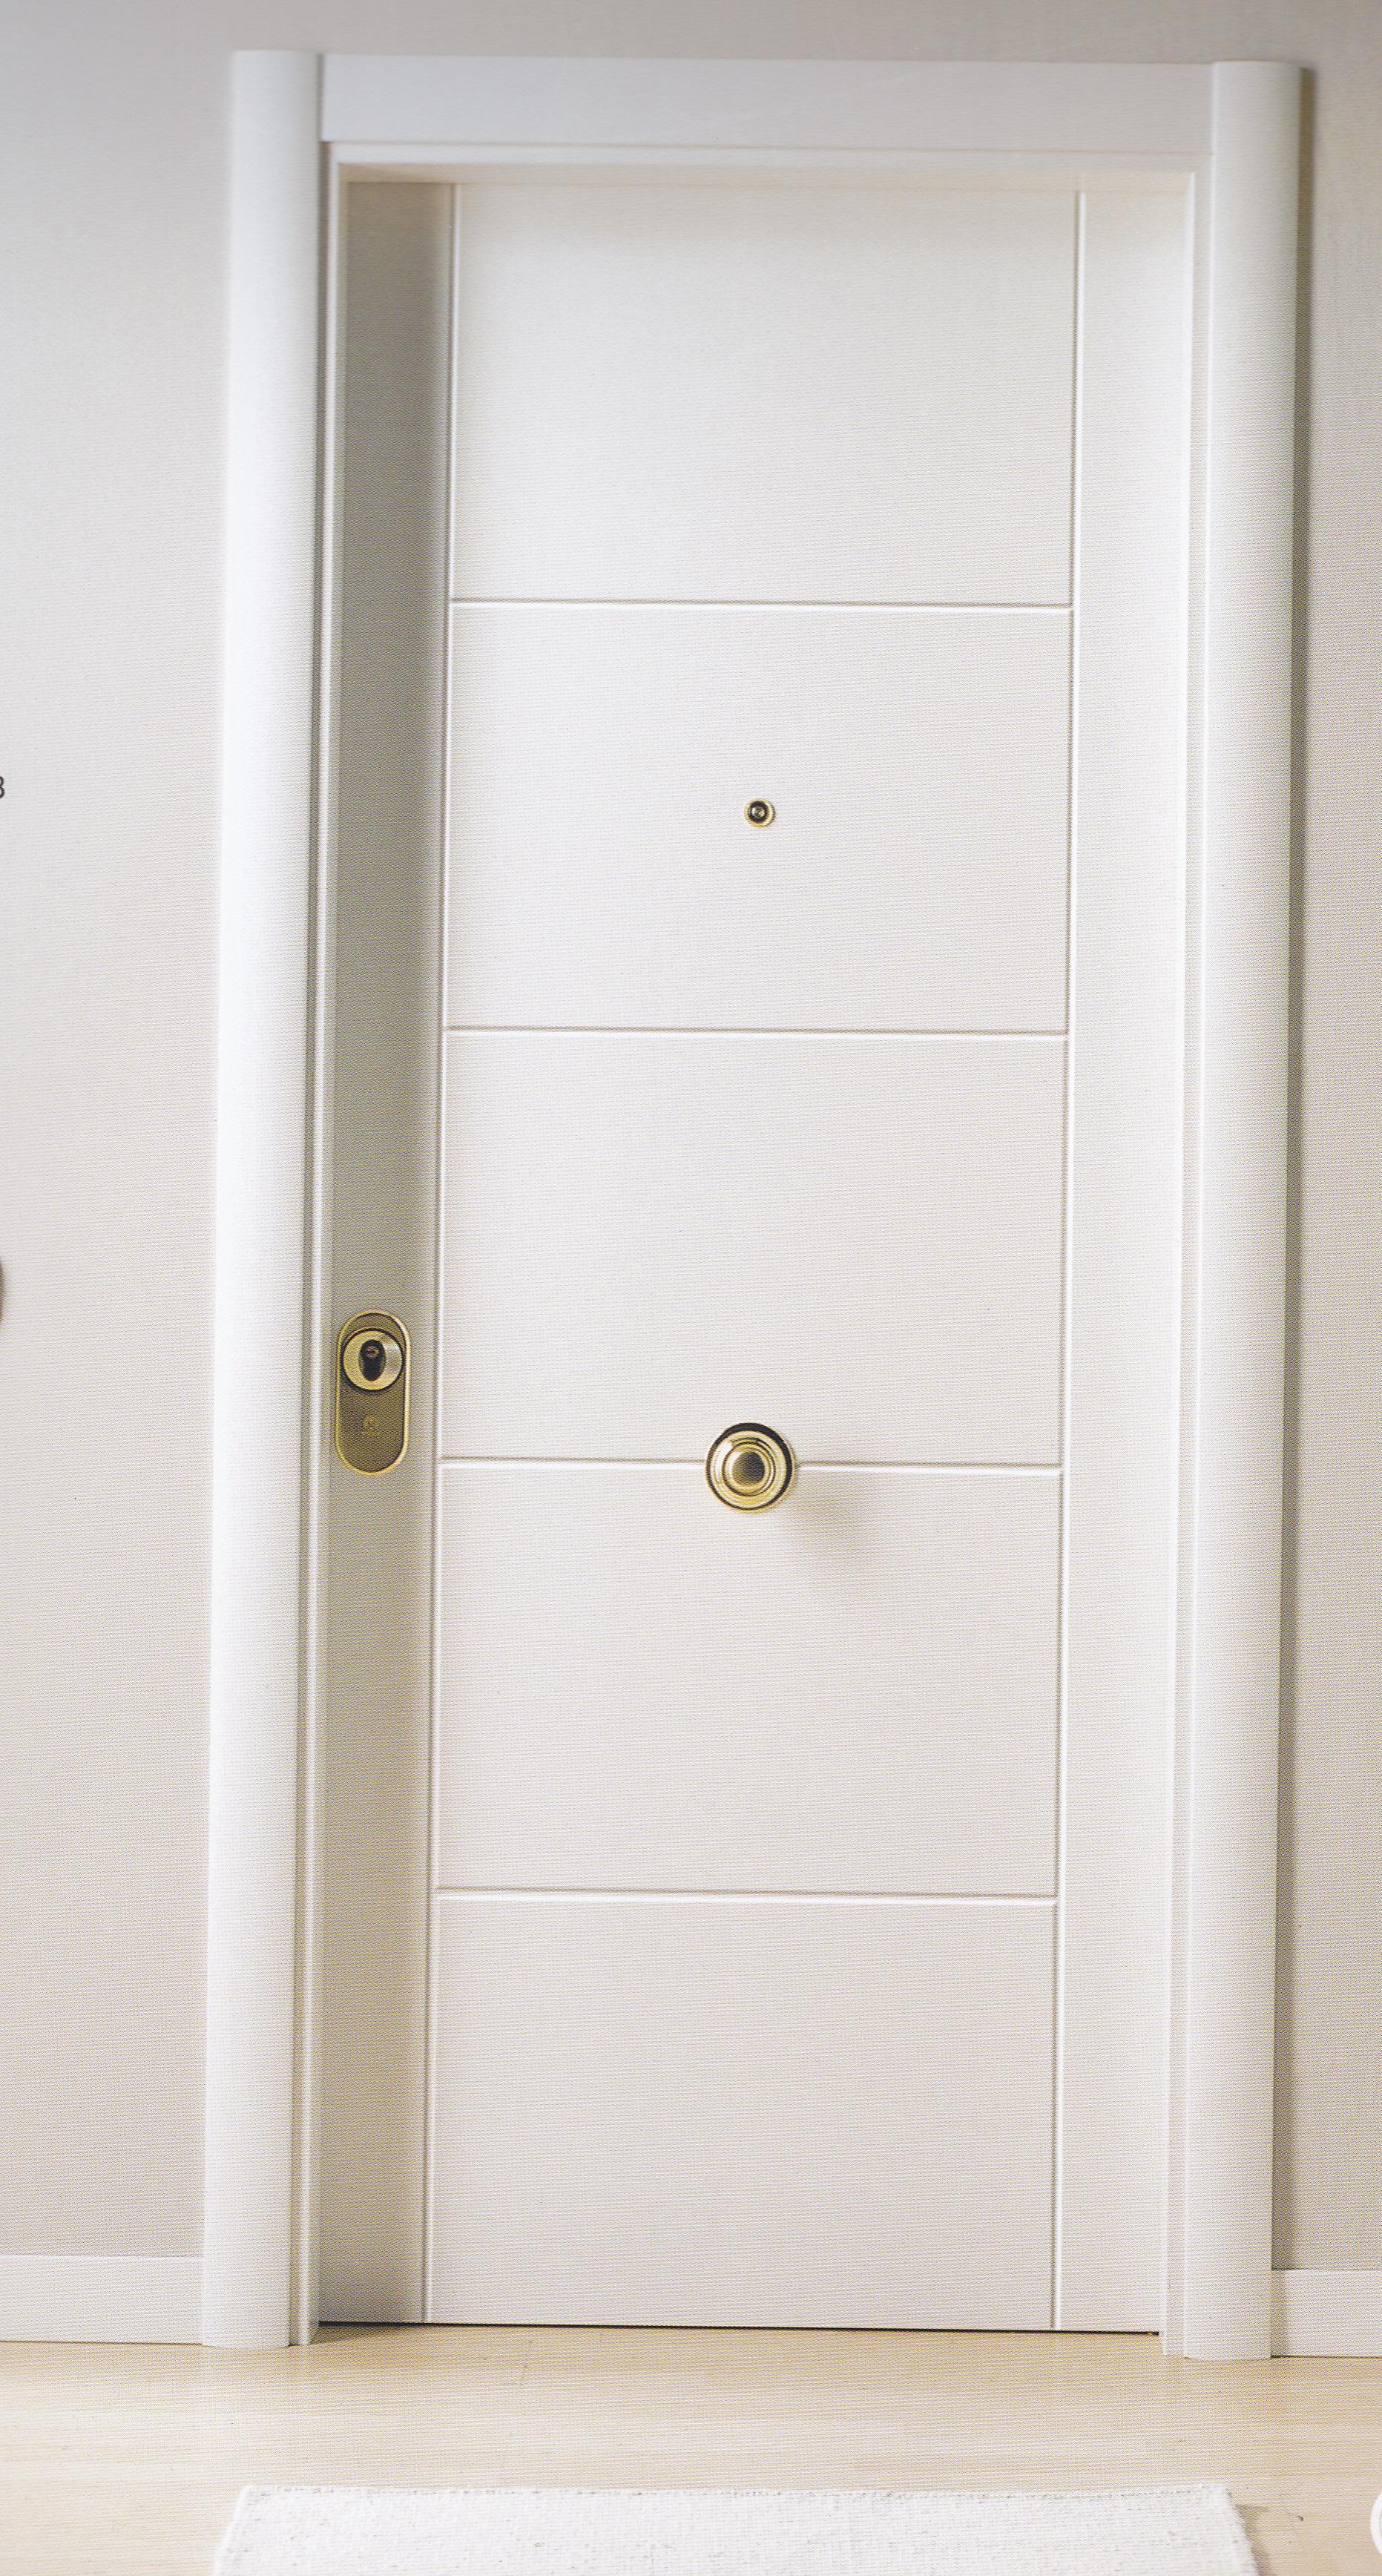 Blanco de madera maciza villa puertas de entrada quotes - Medidas puerta entrada ...